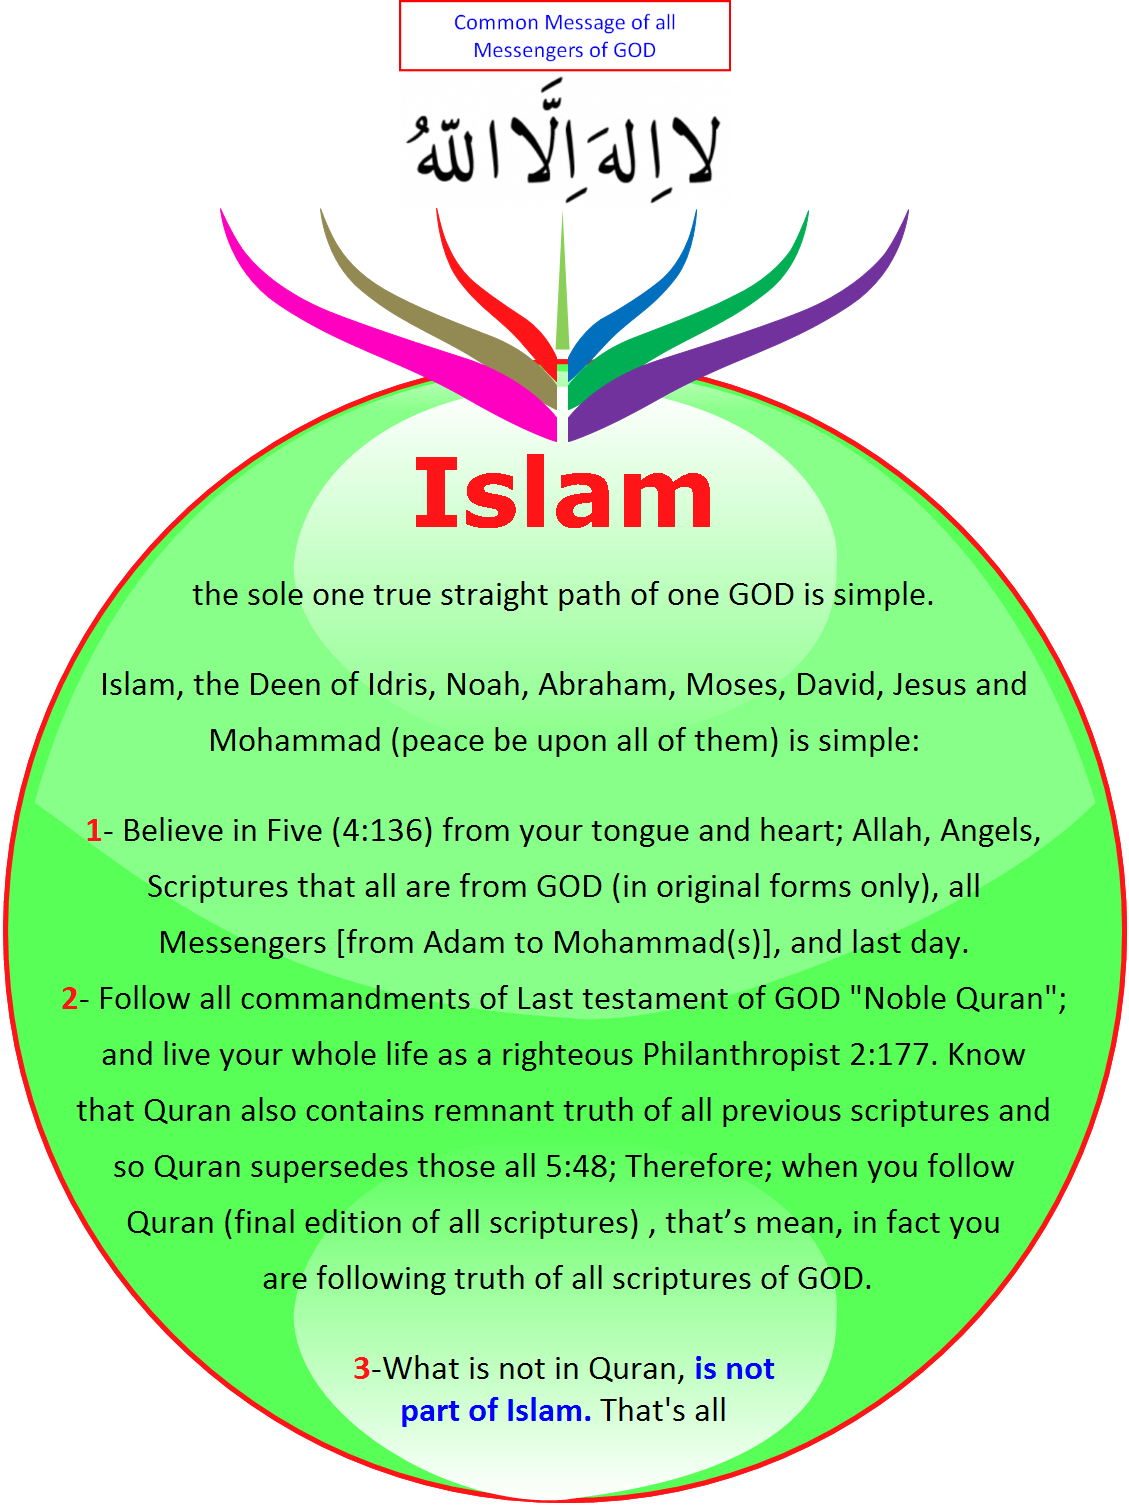 IslamIsSimpleDeen